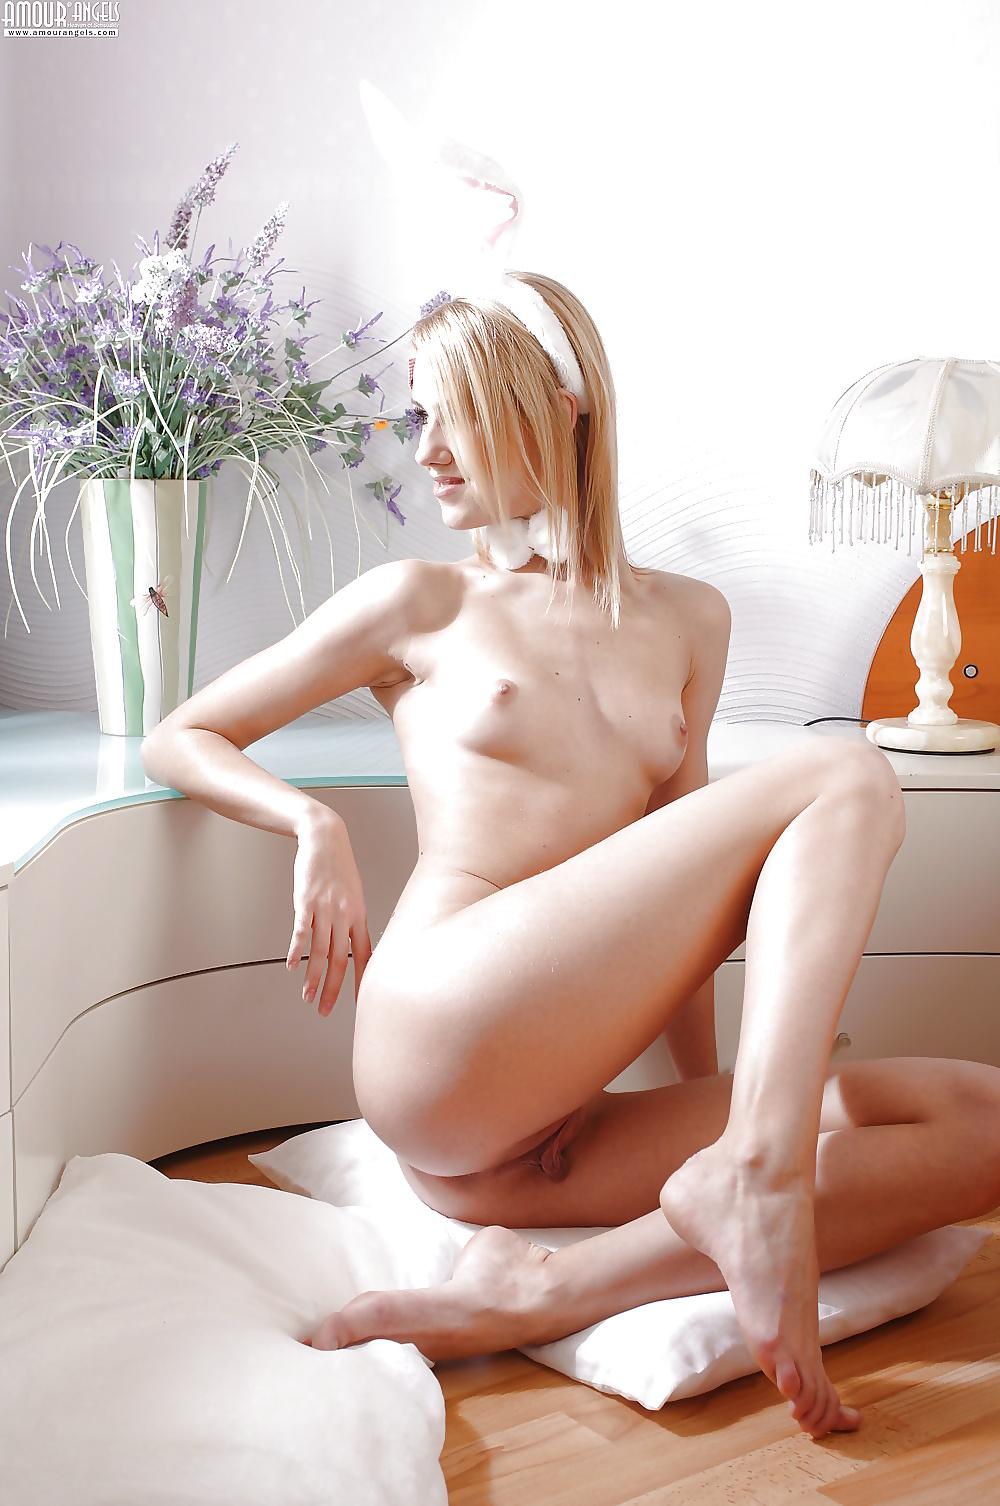 Schöne Teenager nacktfotos in Hasekostume sex frauen bilder kostenlos - Bild 3